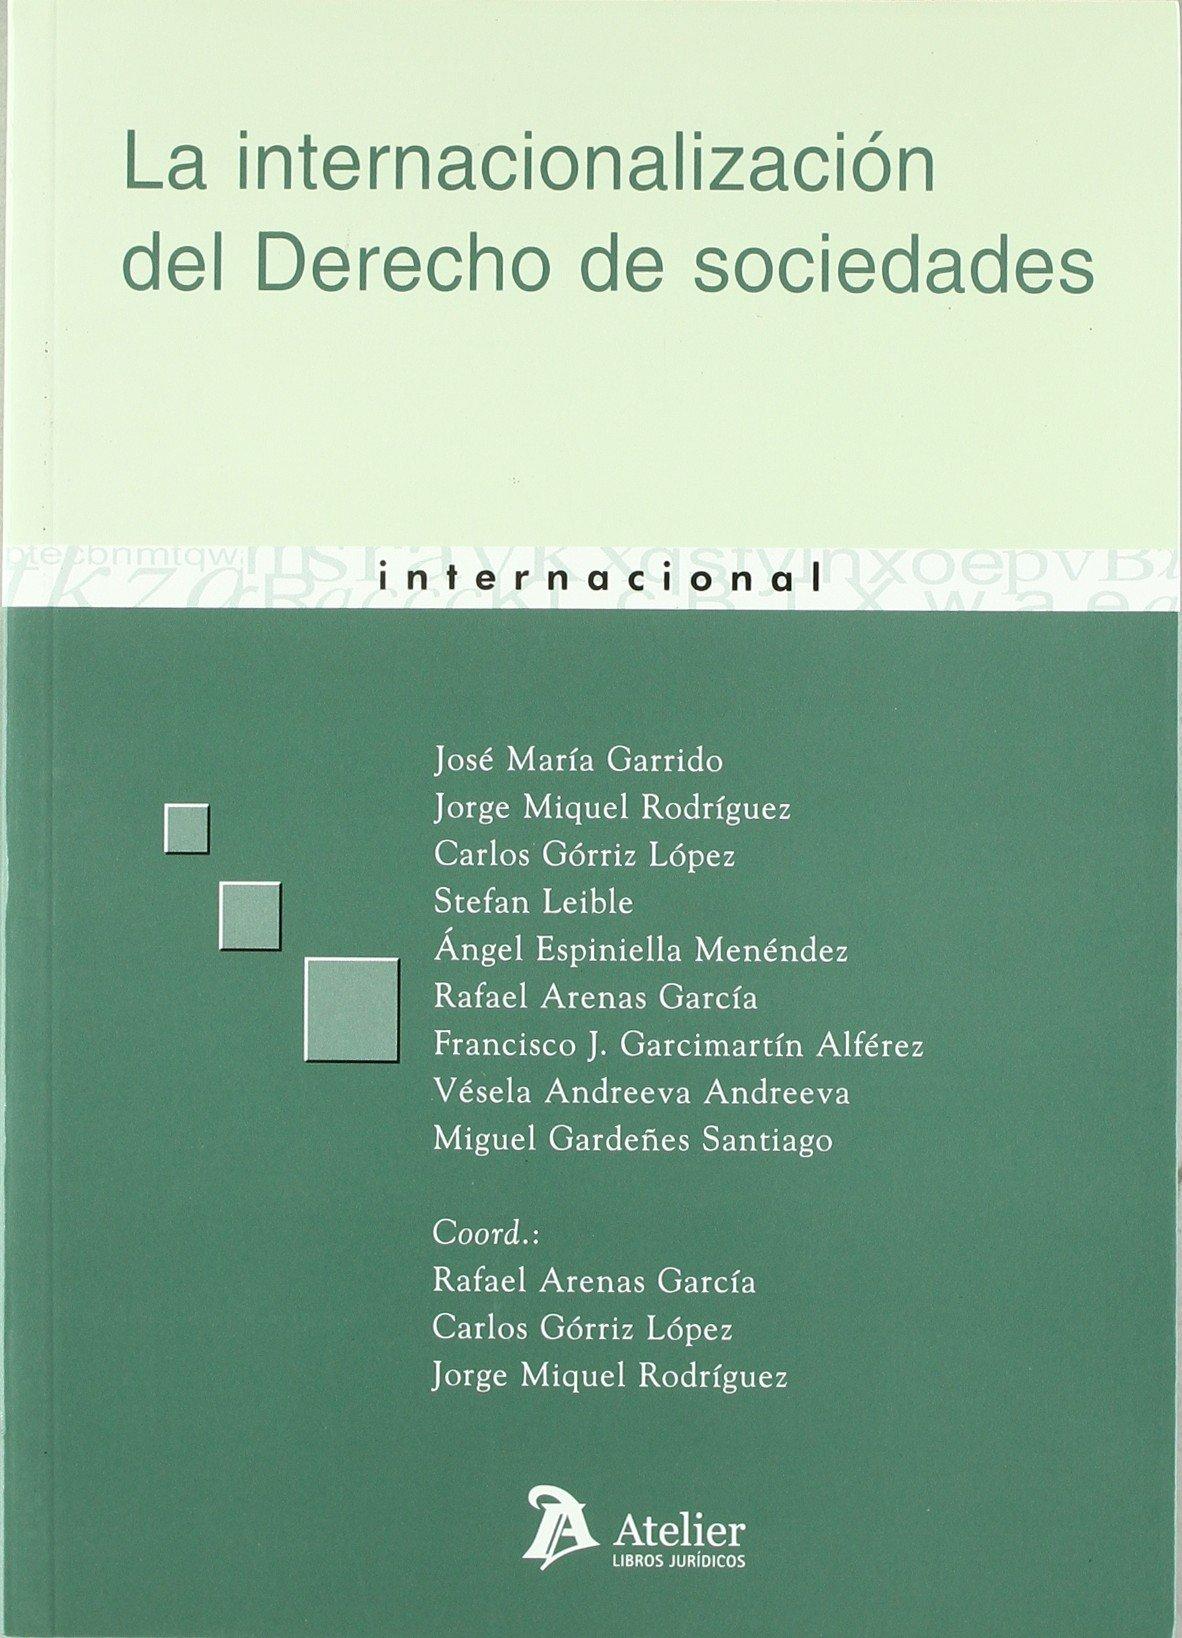 Internacionalizacion del derecho de sociedades, la. Atelier Internacional: Amazon.es: Rafael Arenas Garcia: Libros